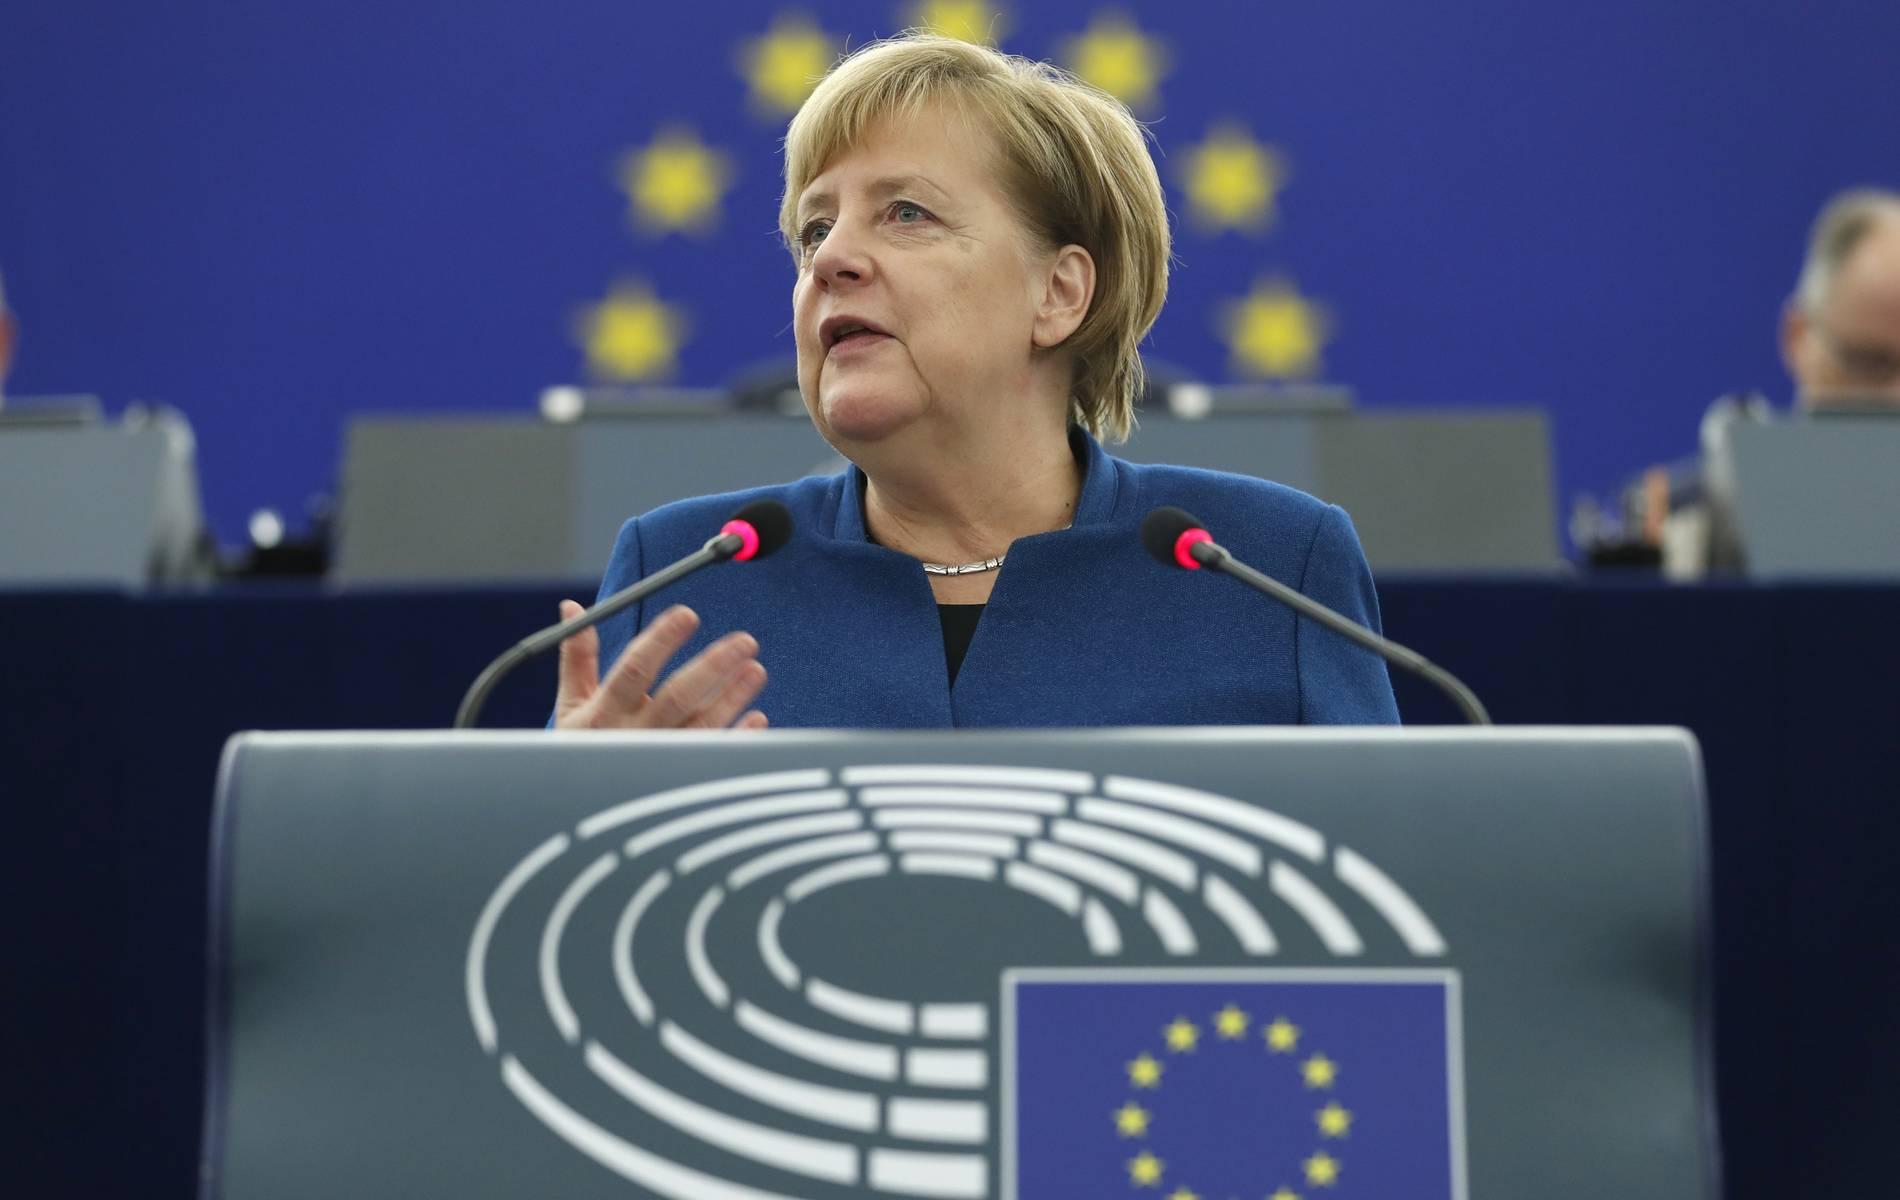 Merkel wird im EU-Parlament von Rechten ausgebuht - so kontert die Kanzlerin